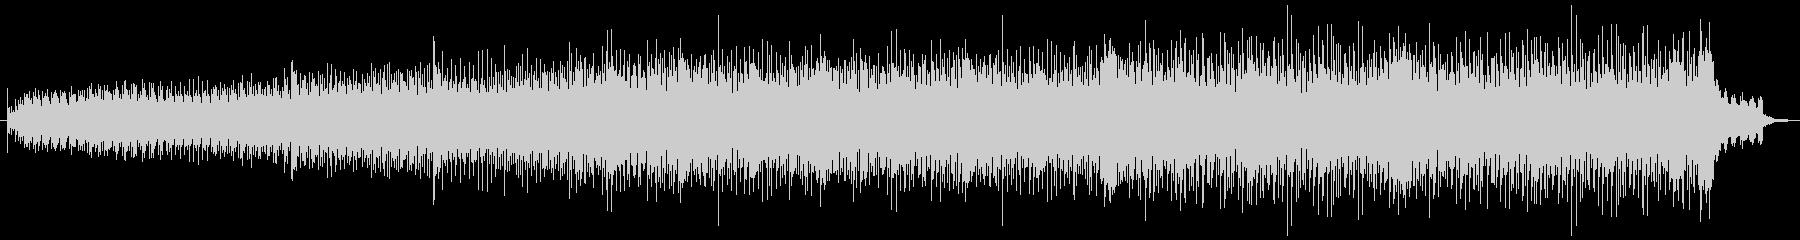 ミニマルなシンセ音が印象的なBGMの未再生の波形